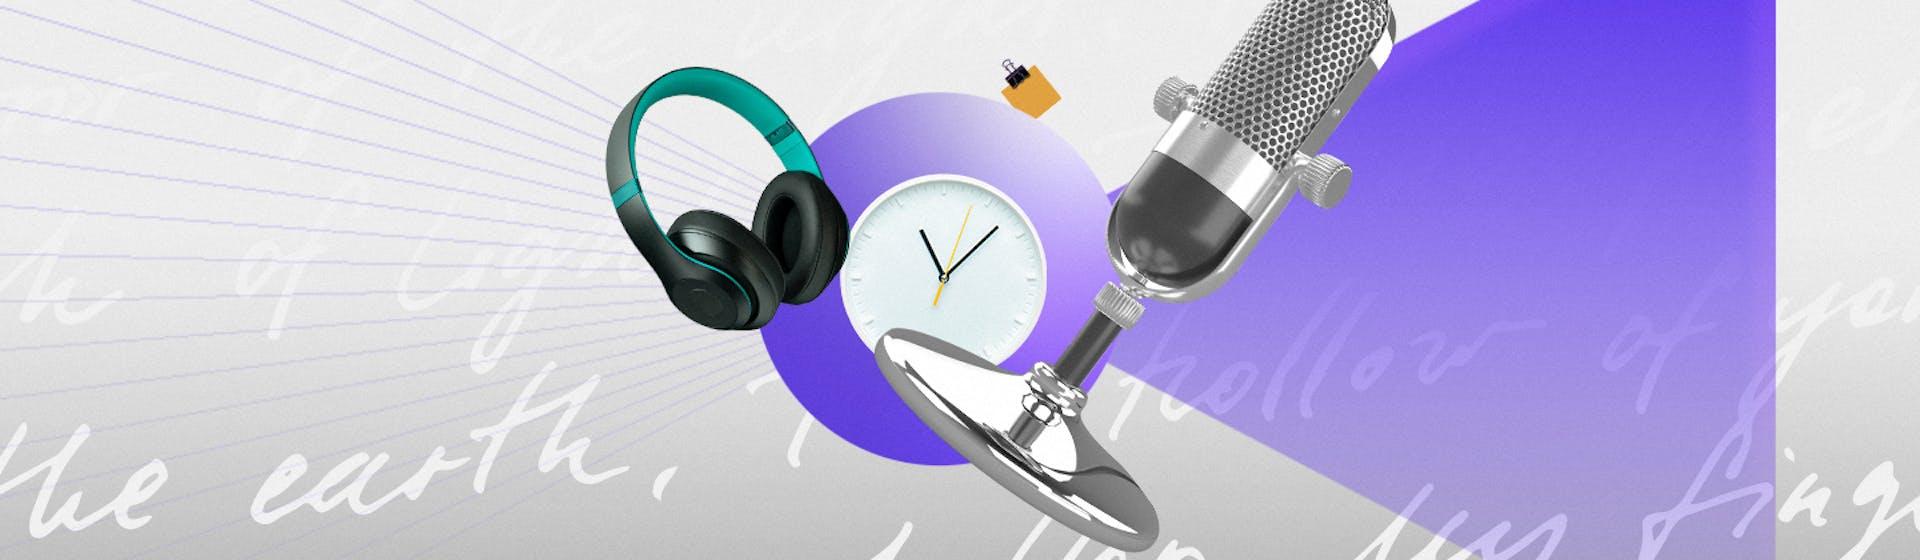 Aplica las características de un podcast y conviértete en el podcaster del siglo